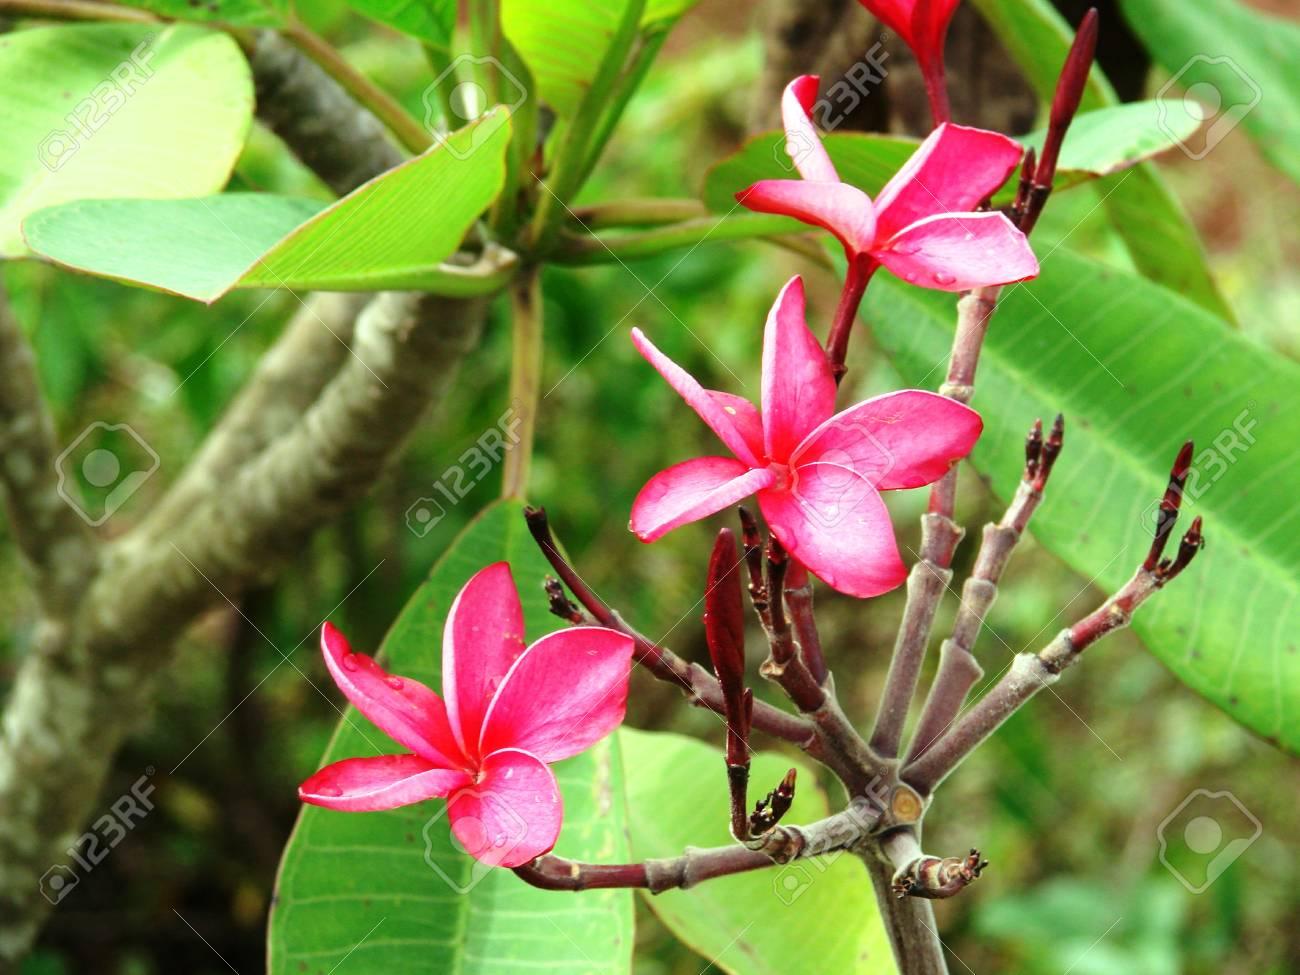 Un Jardin Dans Le Village De L\'Etat De Maharashtra, Inde Contient ...